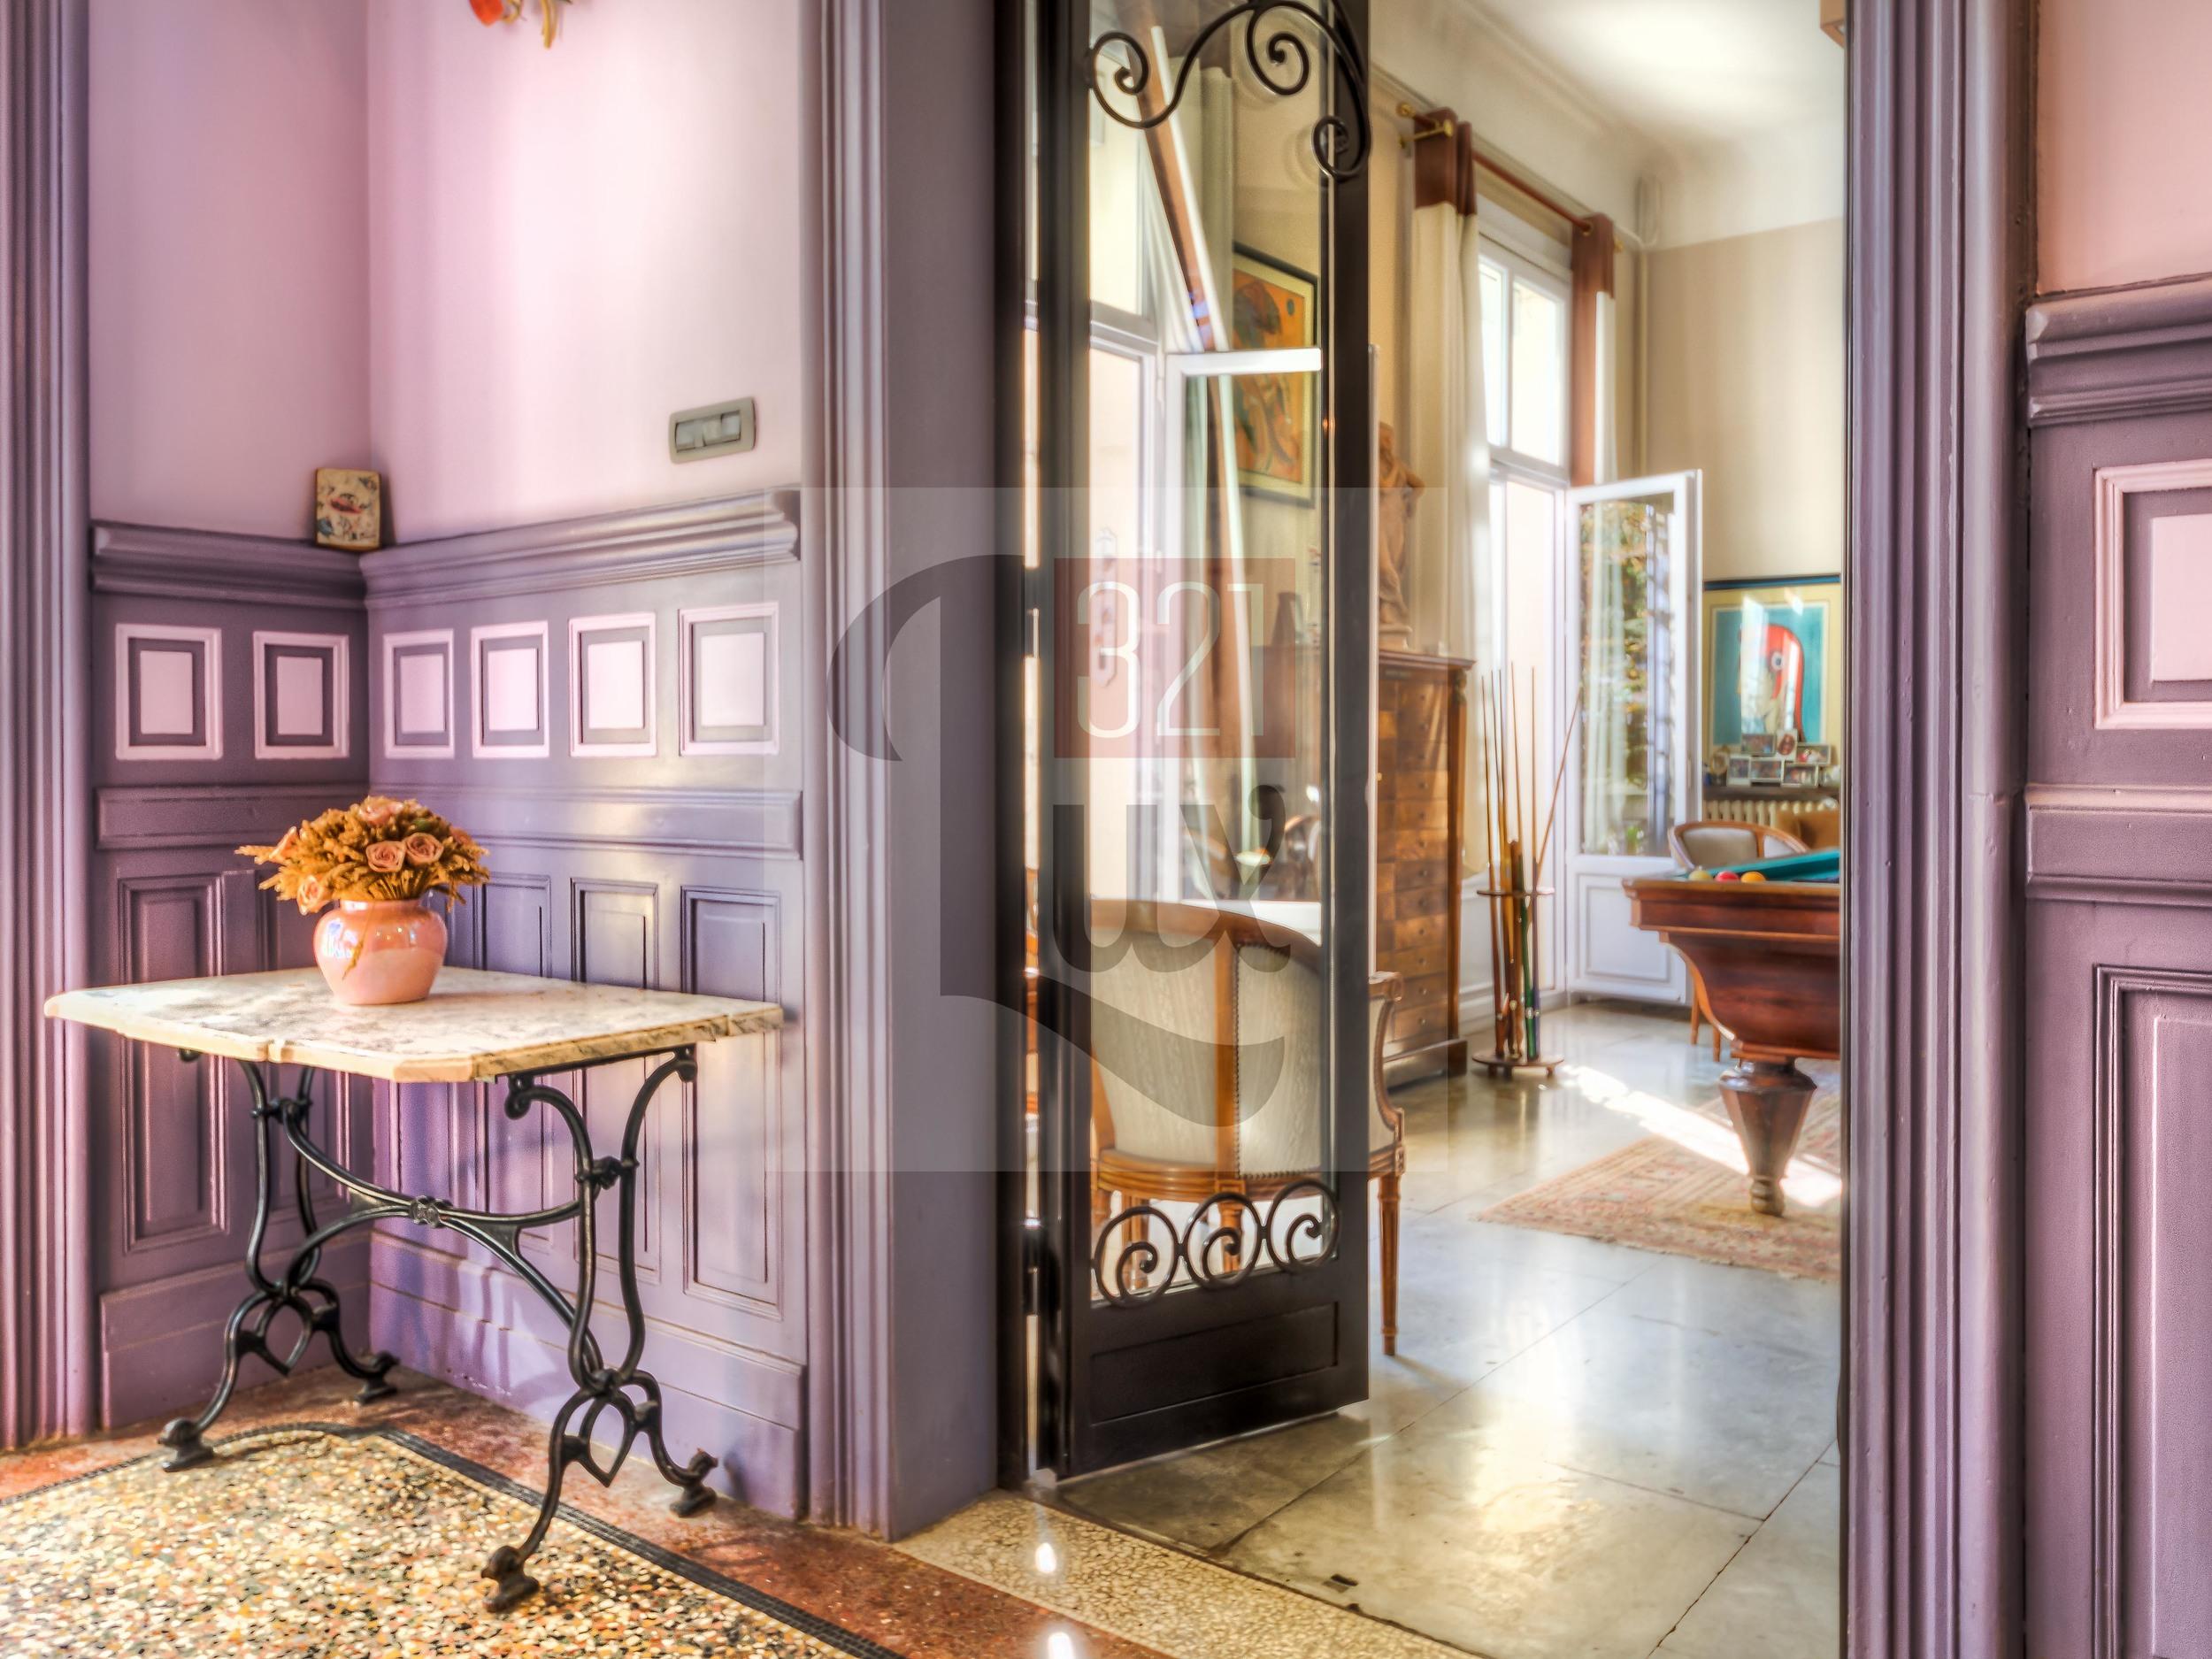 321 Lux-Maison Montpellier-sept 2014-9.jpg